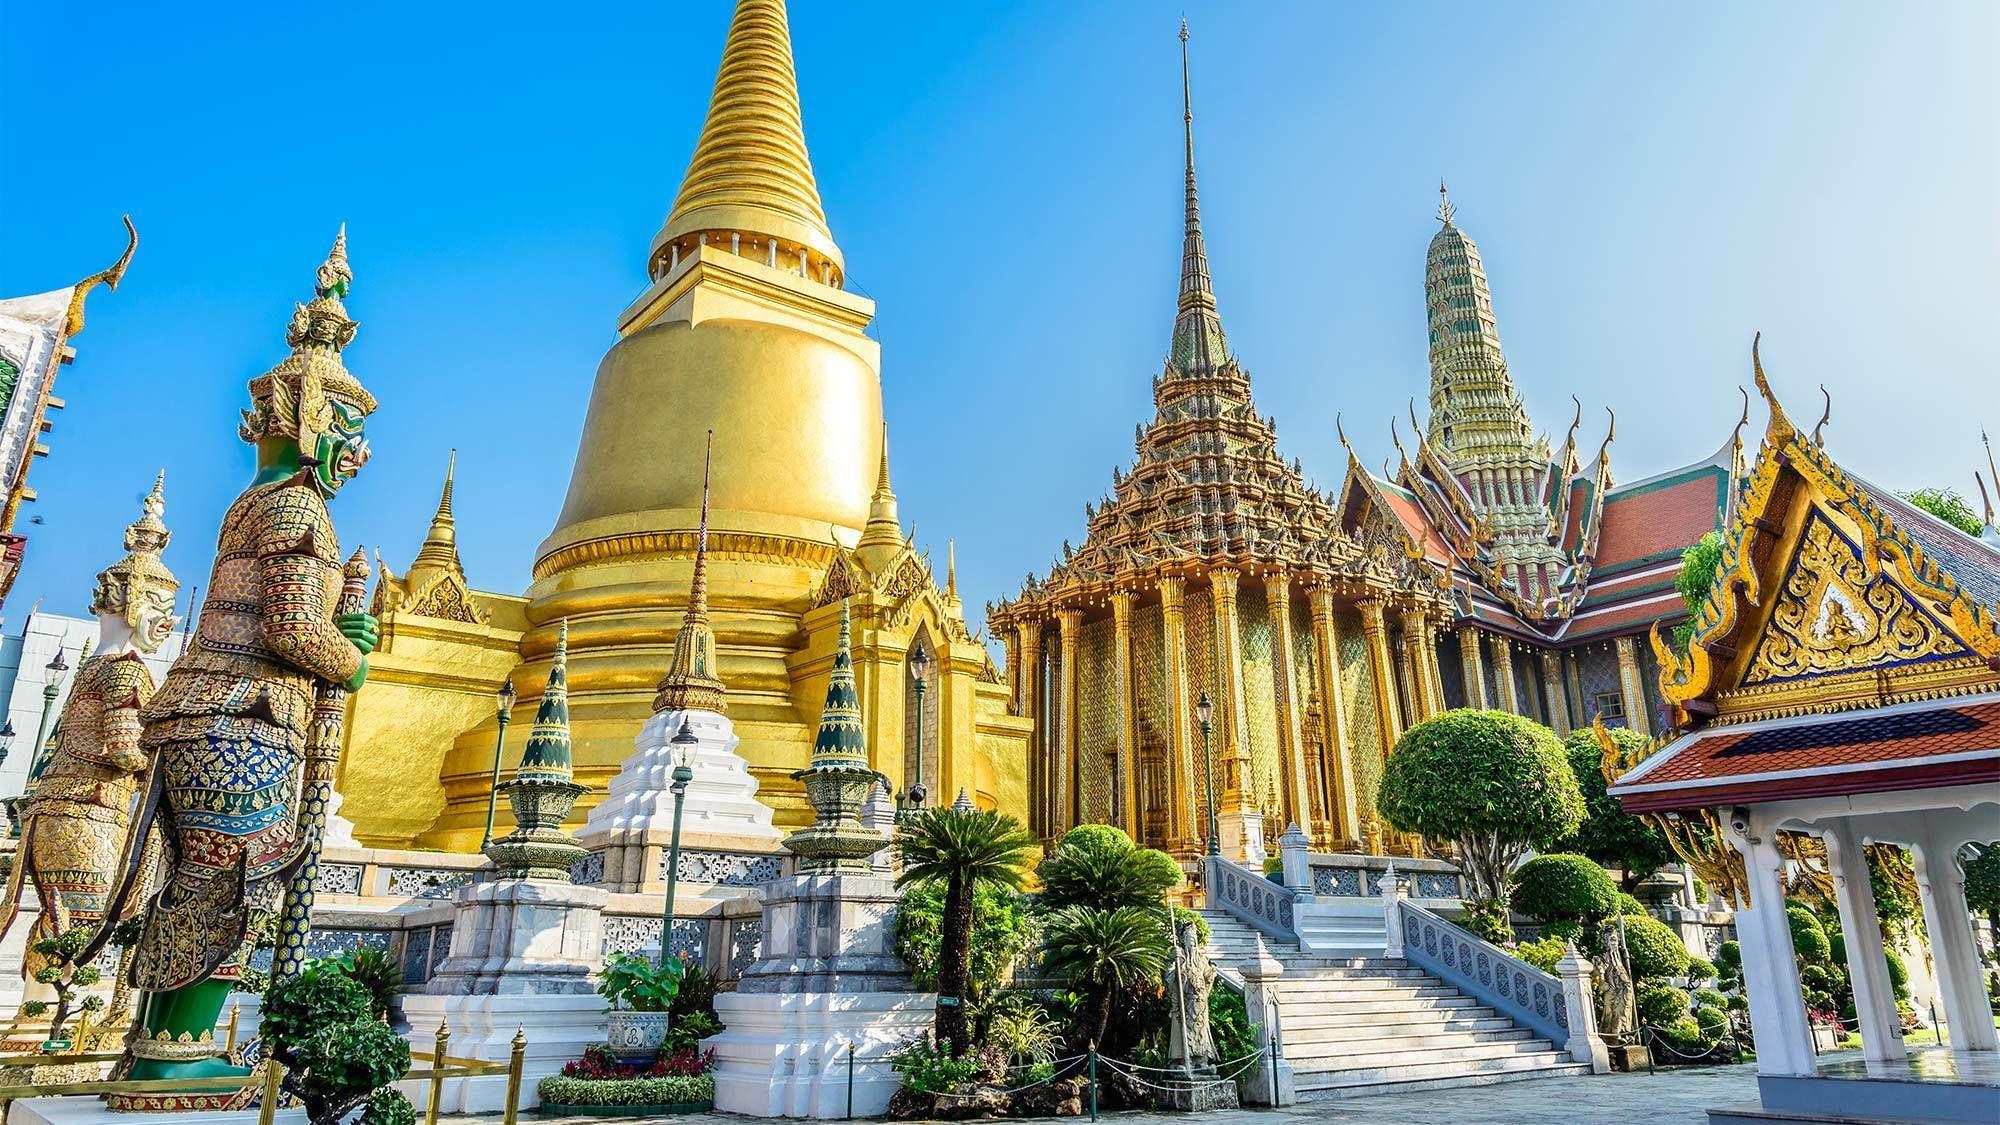 Private Morning Tour to Grand Palace along Thonburi Klongs